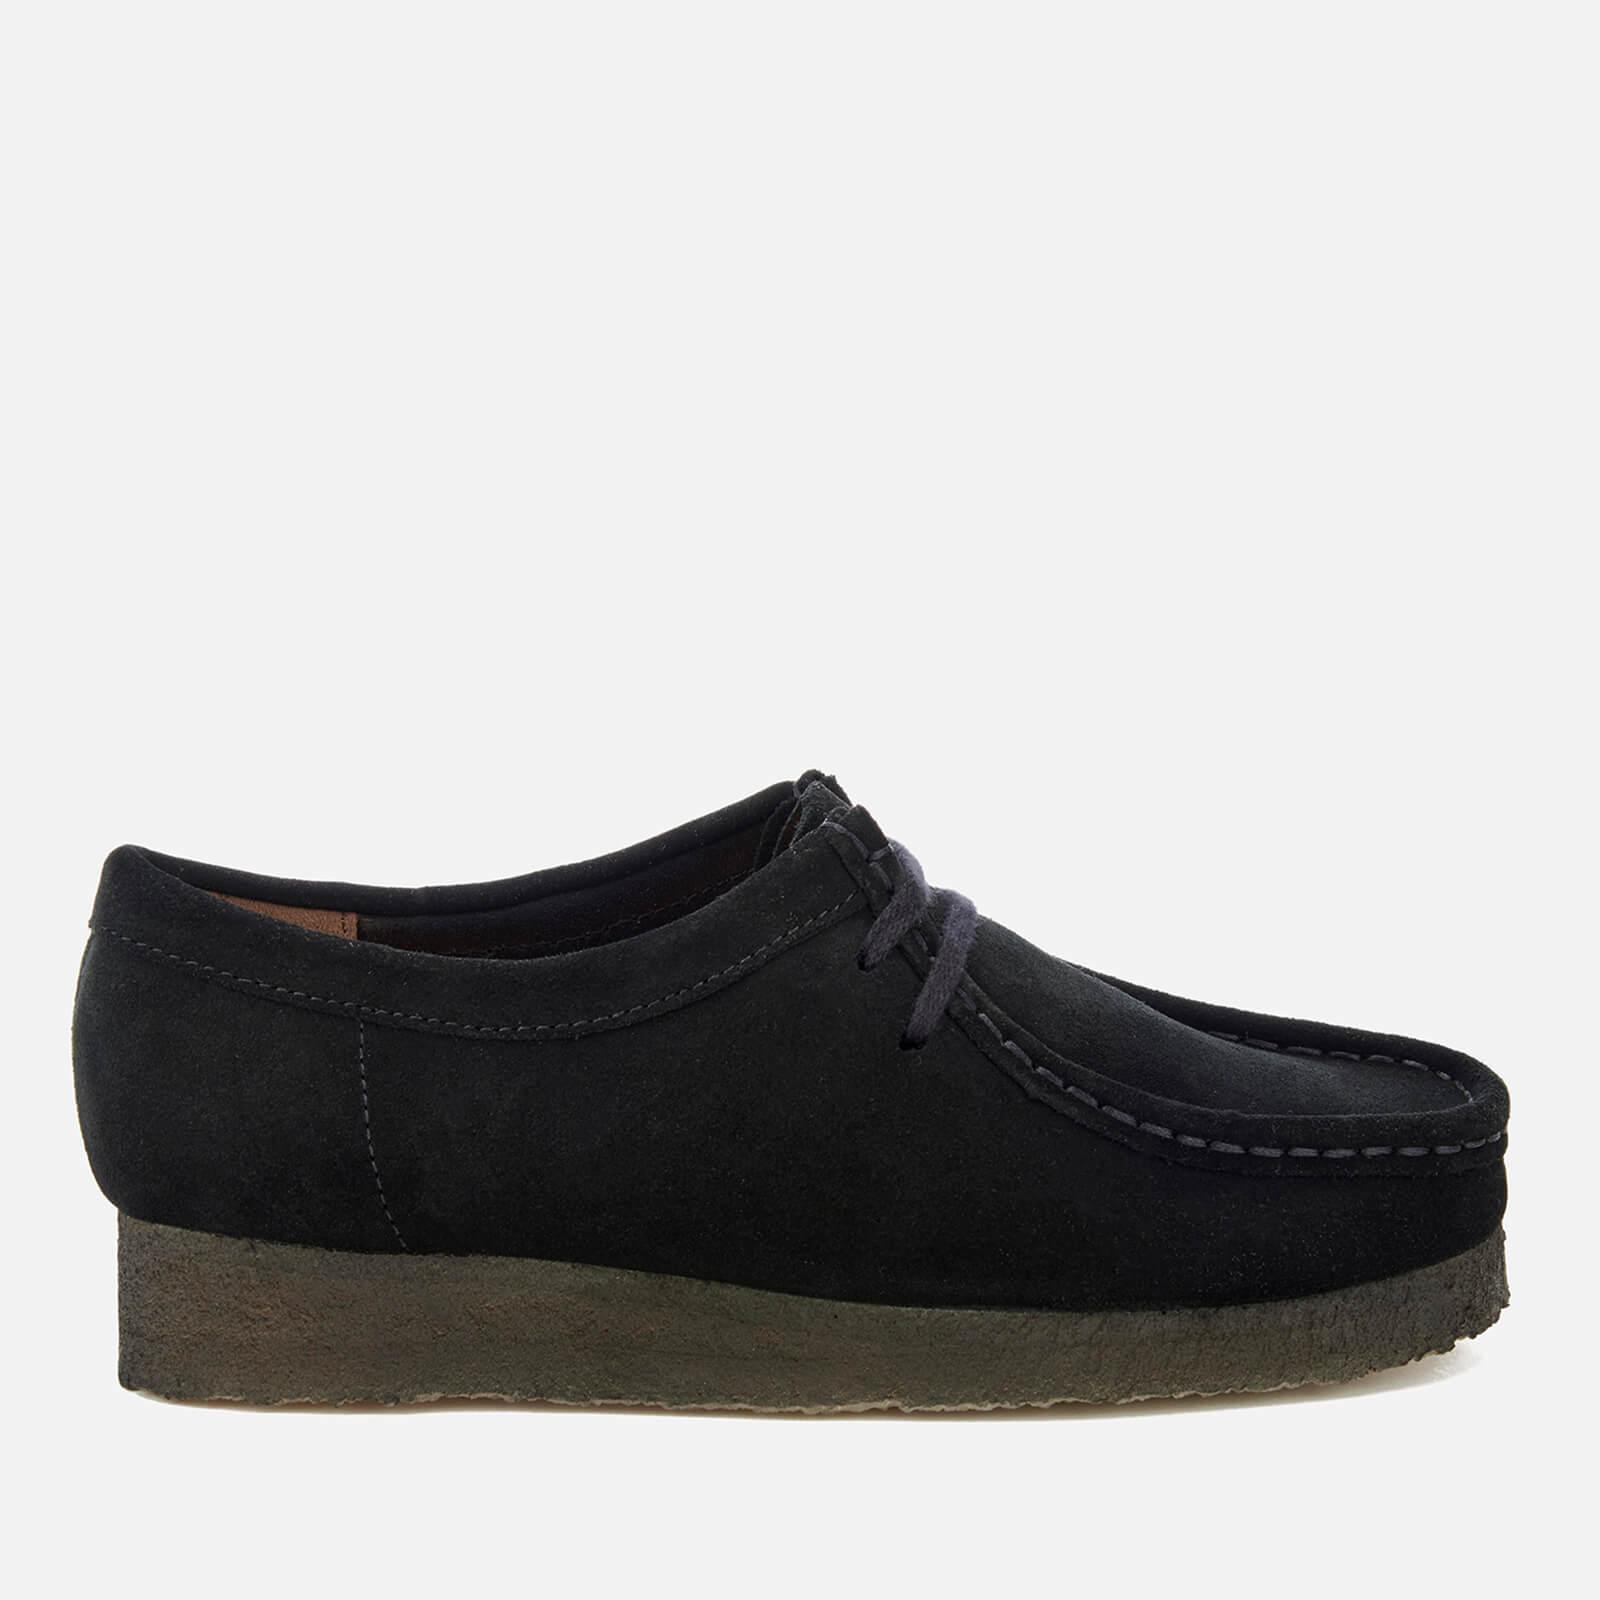 Clarks Originals Women's Wallabee Shoes - Black Suede - UK 4